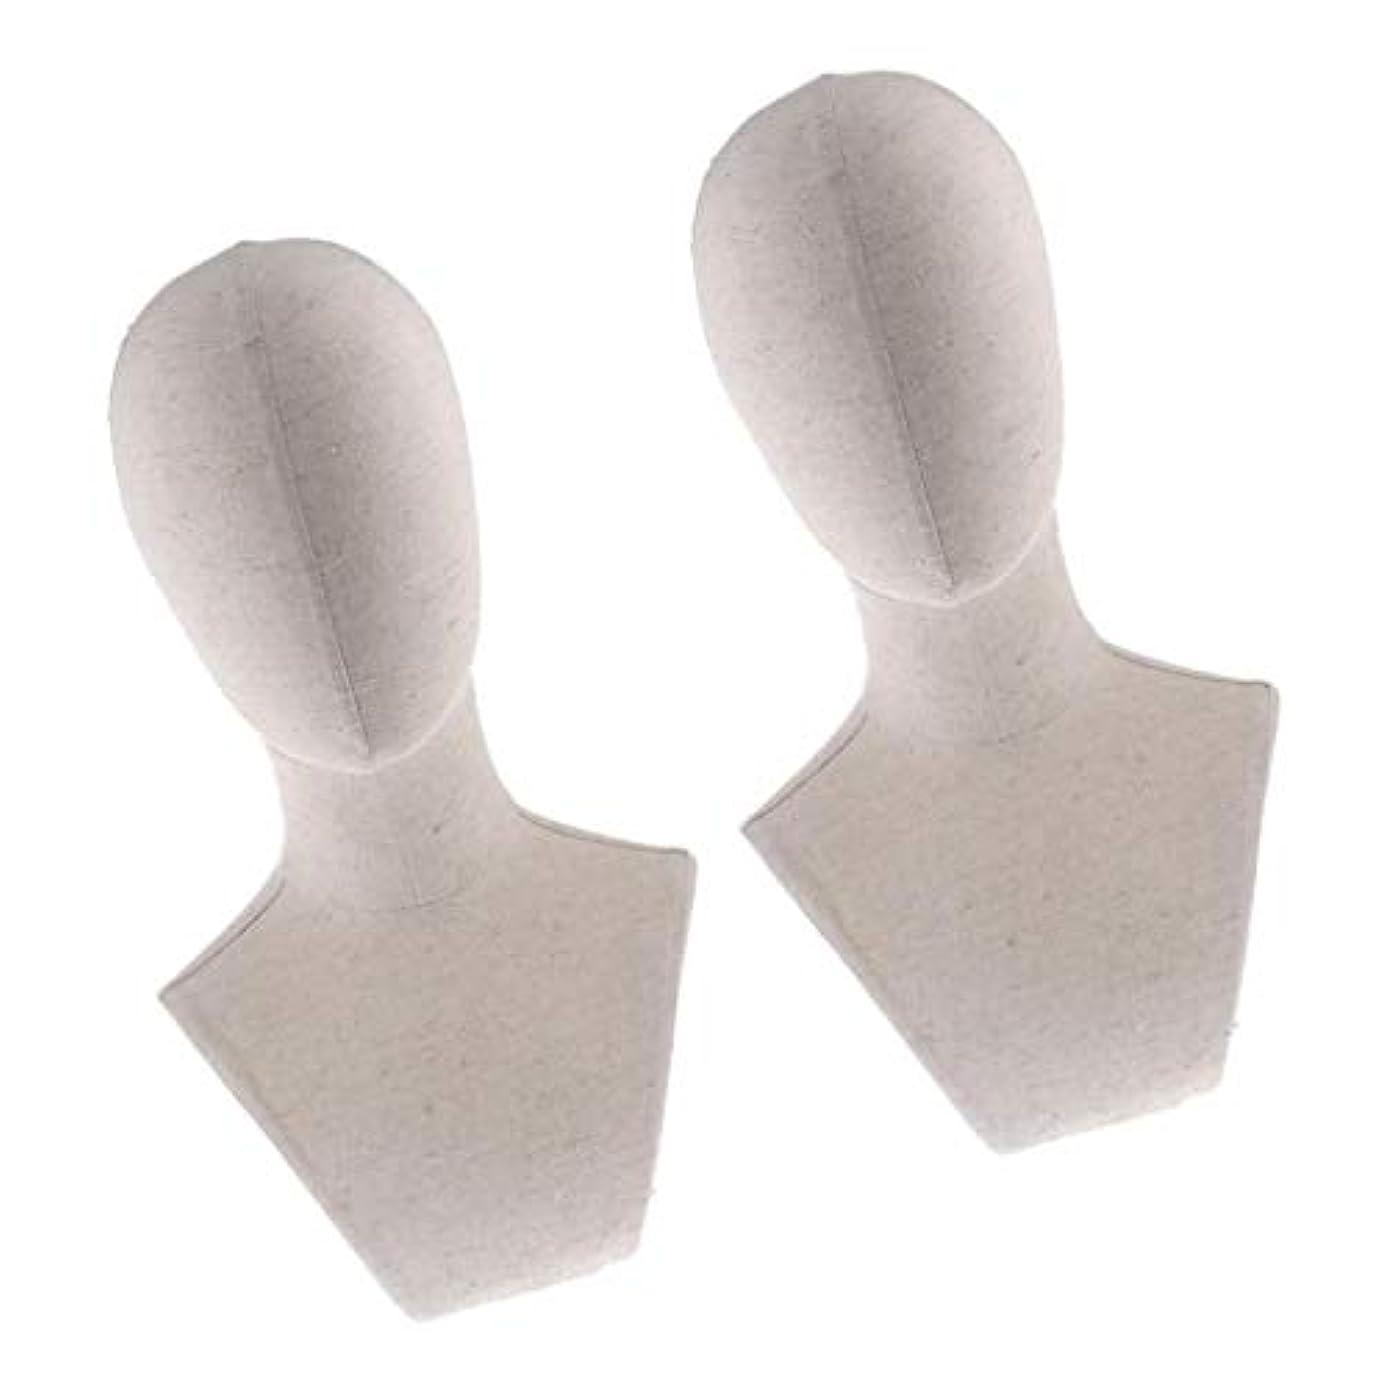 回想実り多い分割Perfeclan マネキンヘッド ウィッグスタンド練習 頭部 女性ウィッグマネキン ディスプレイ 帽子スタンド 2個入り